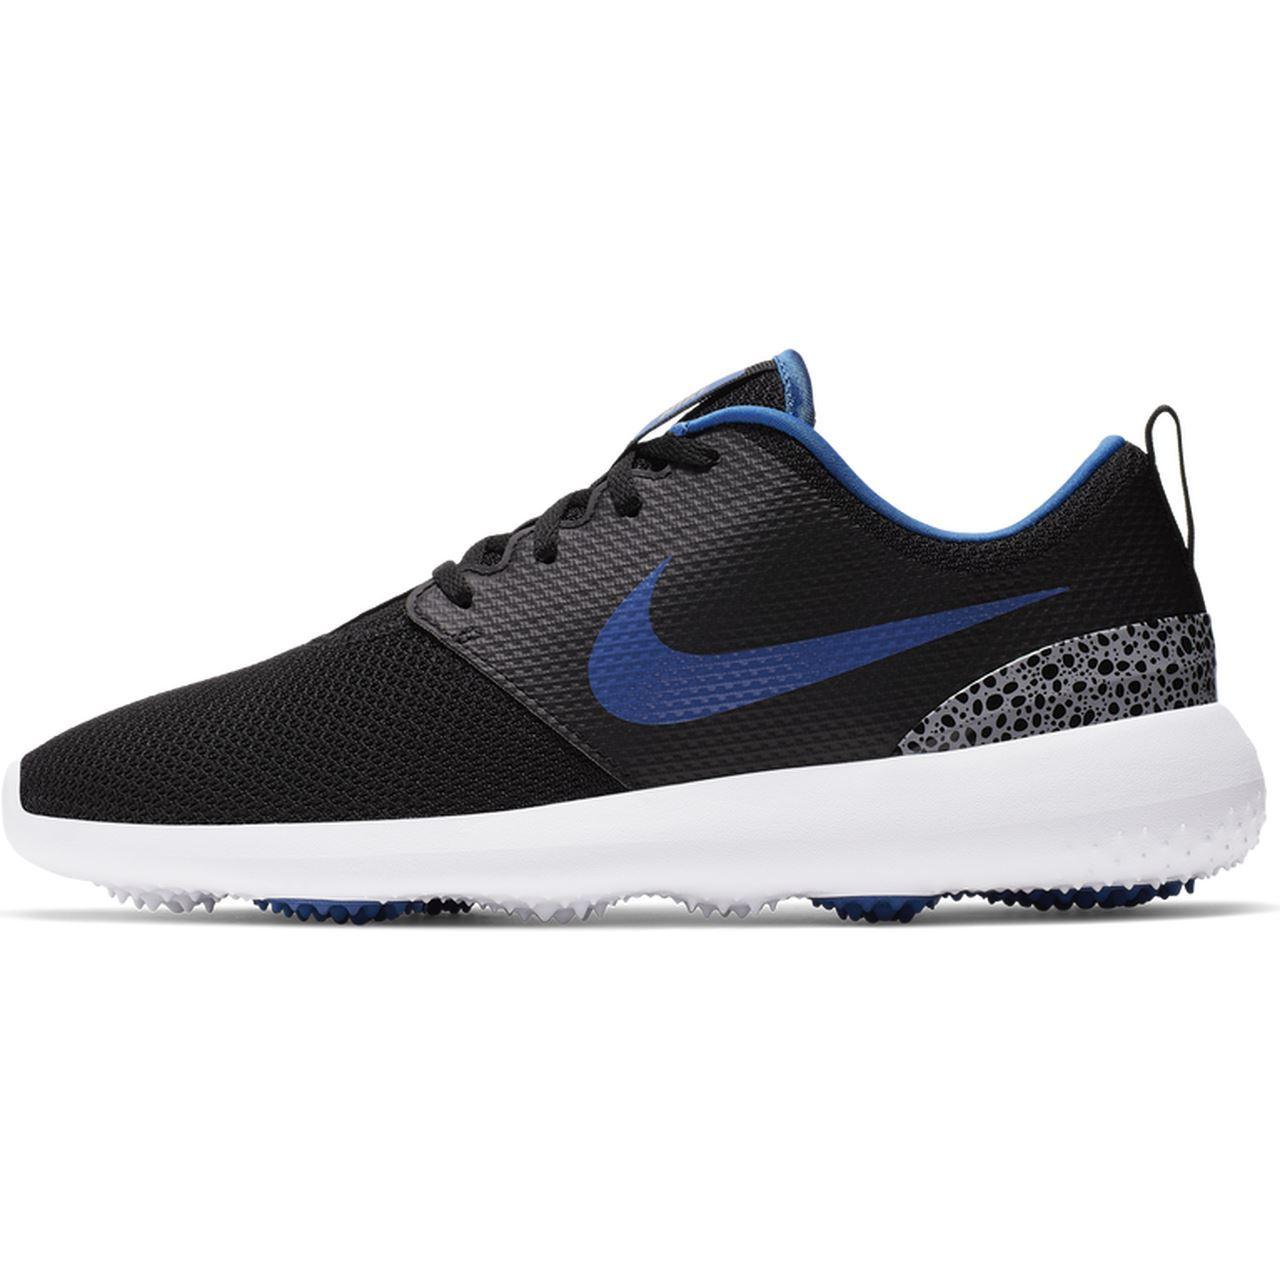 najnowsza kolekcja sekcja specjalna buty na codzień Nike Roshe G Golf Shoes - Black/Blue